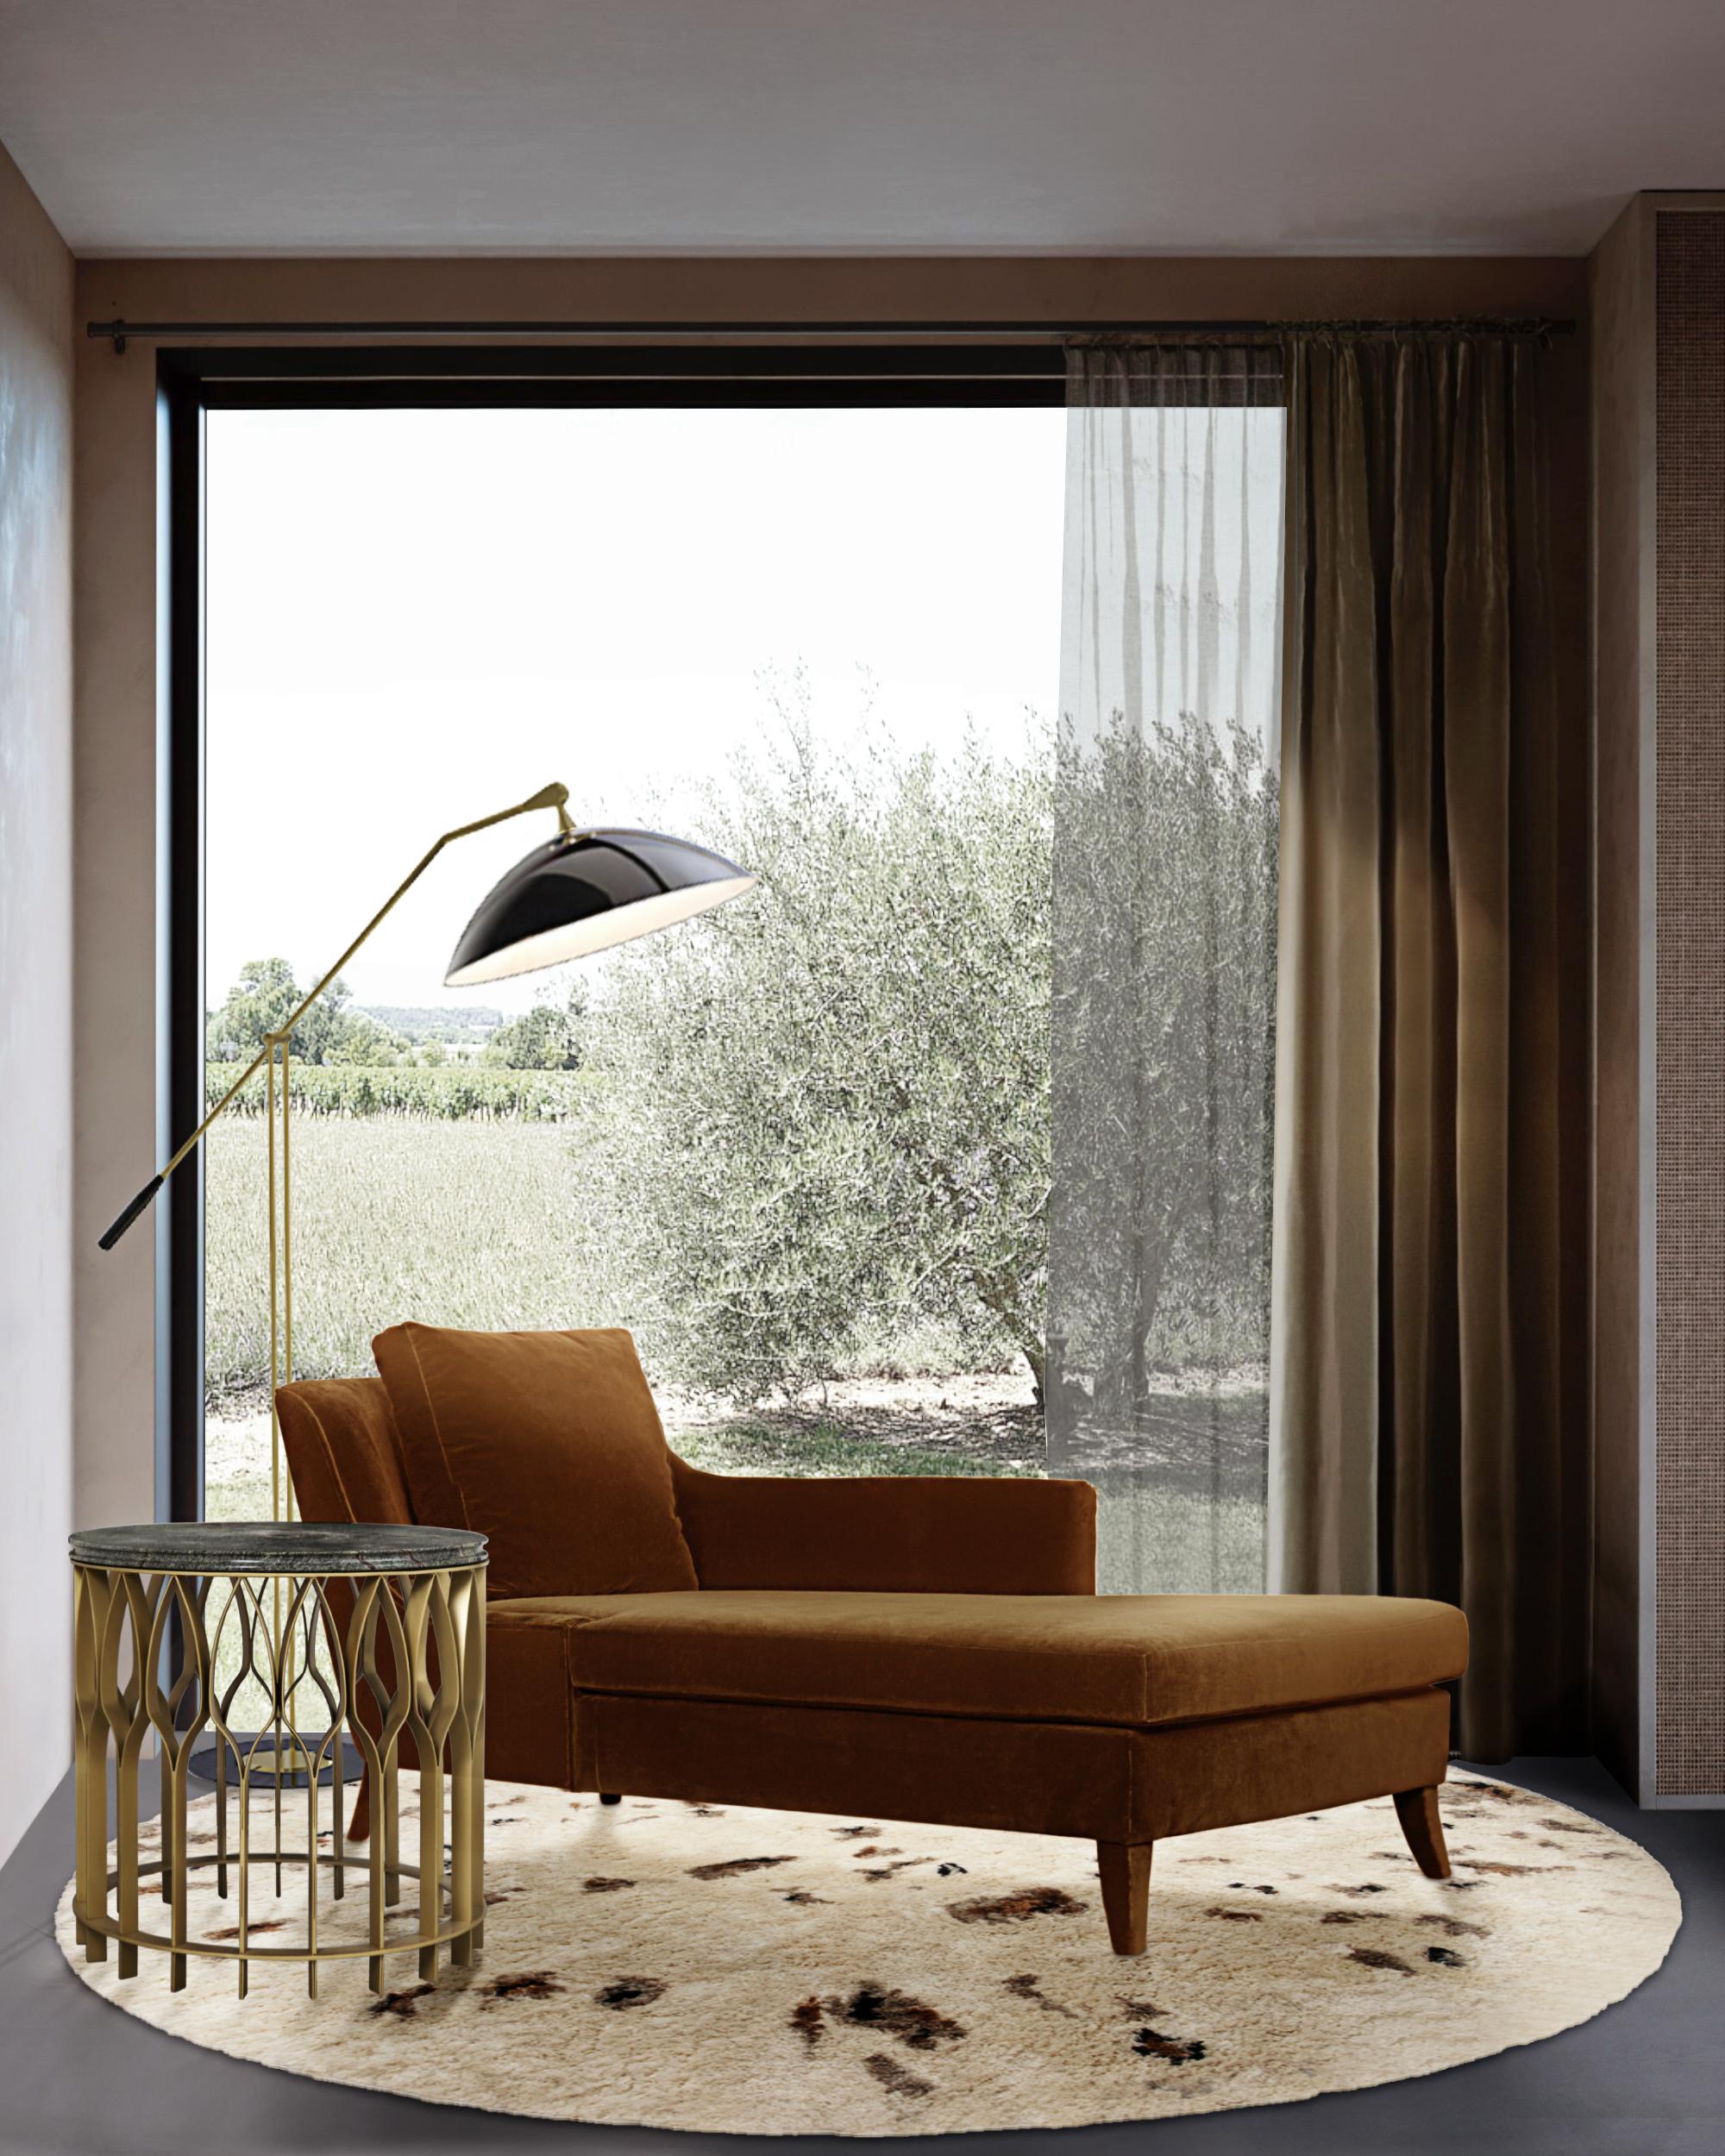 5 Best Velvet Sofas For Modern Living Rooms velvet sofas 5 Best Velvet Sofas For Modern Living Rooms BB como chaise mecca II turner